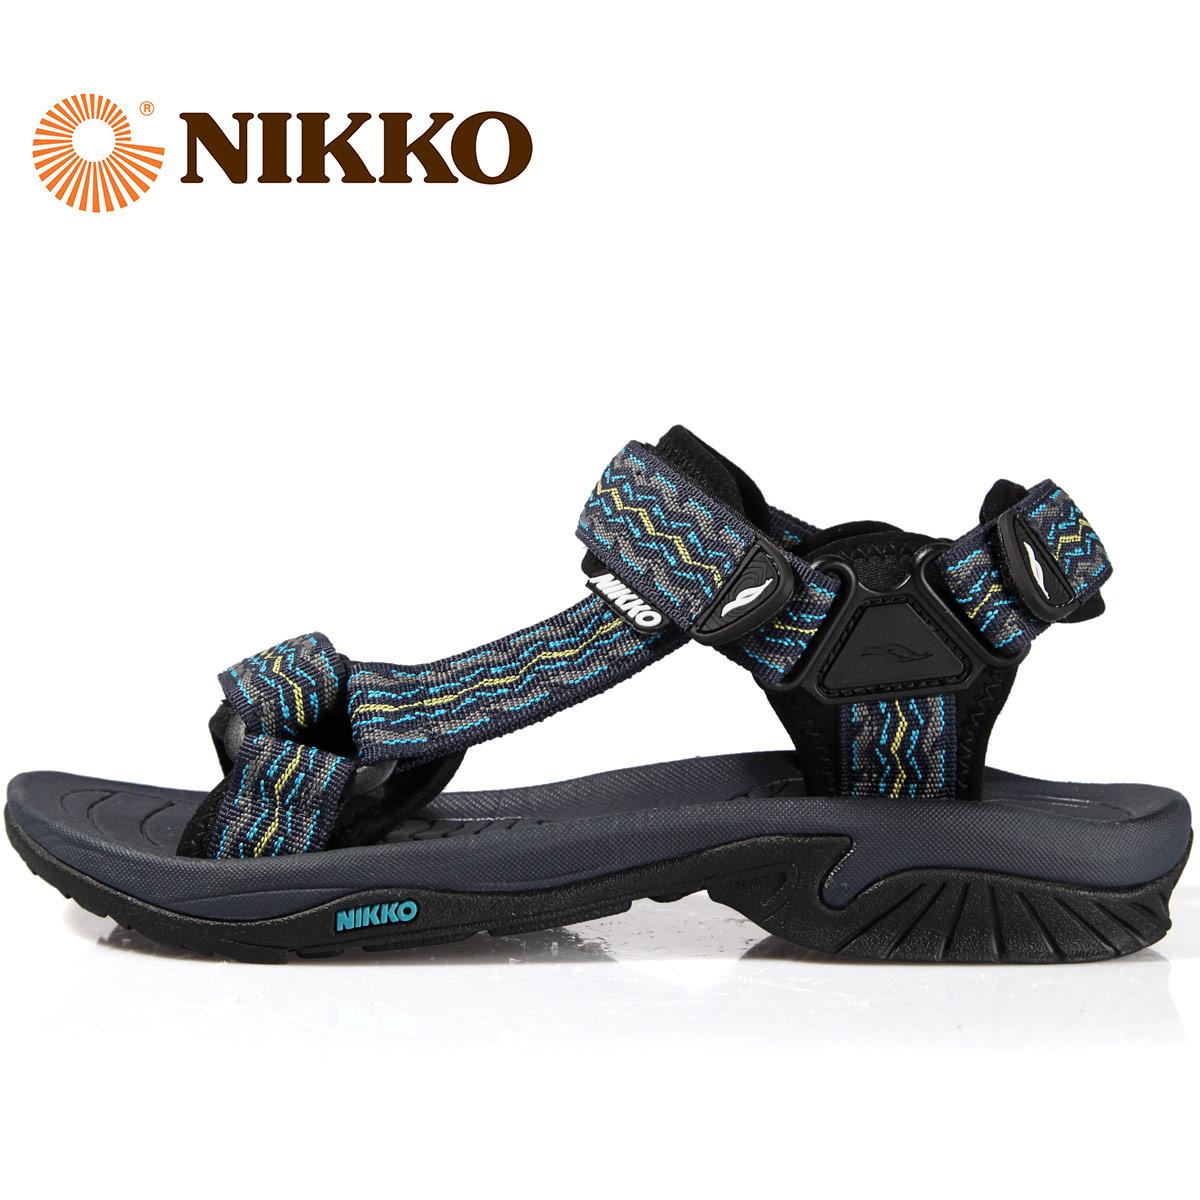 凉鞋日高户外凉鞋男沙滩鞋情侣户外沙滩凉鞋男女运动溯溪鞋Nikko